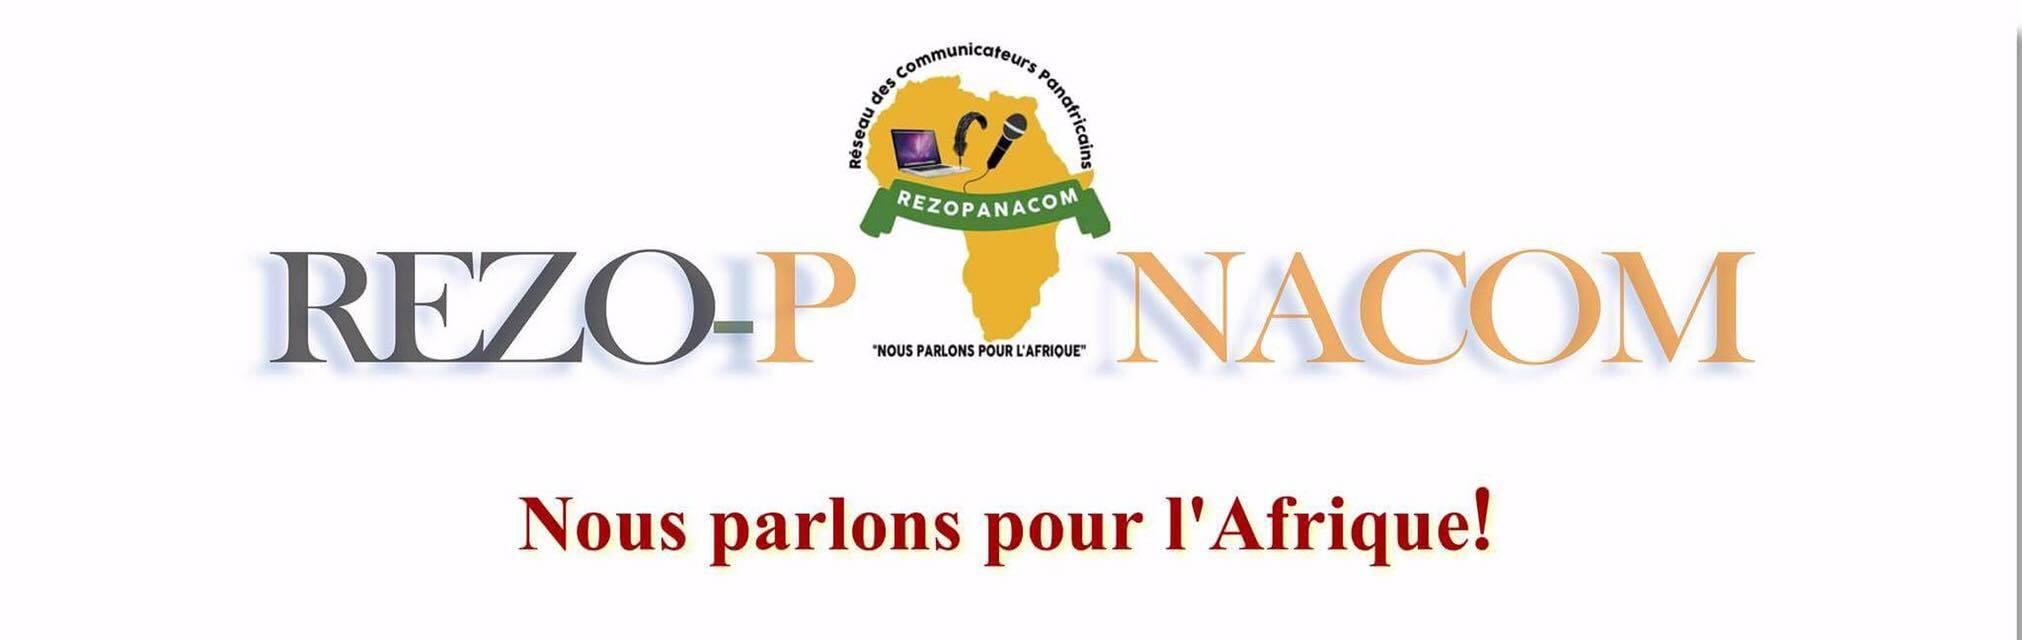 MOTION D'ENCOURAGEMENTS DU REZOPANACOM AUX IVOIRIENS ET AUX COMMUNICATEURS PANAFRICAINS